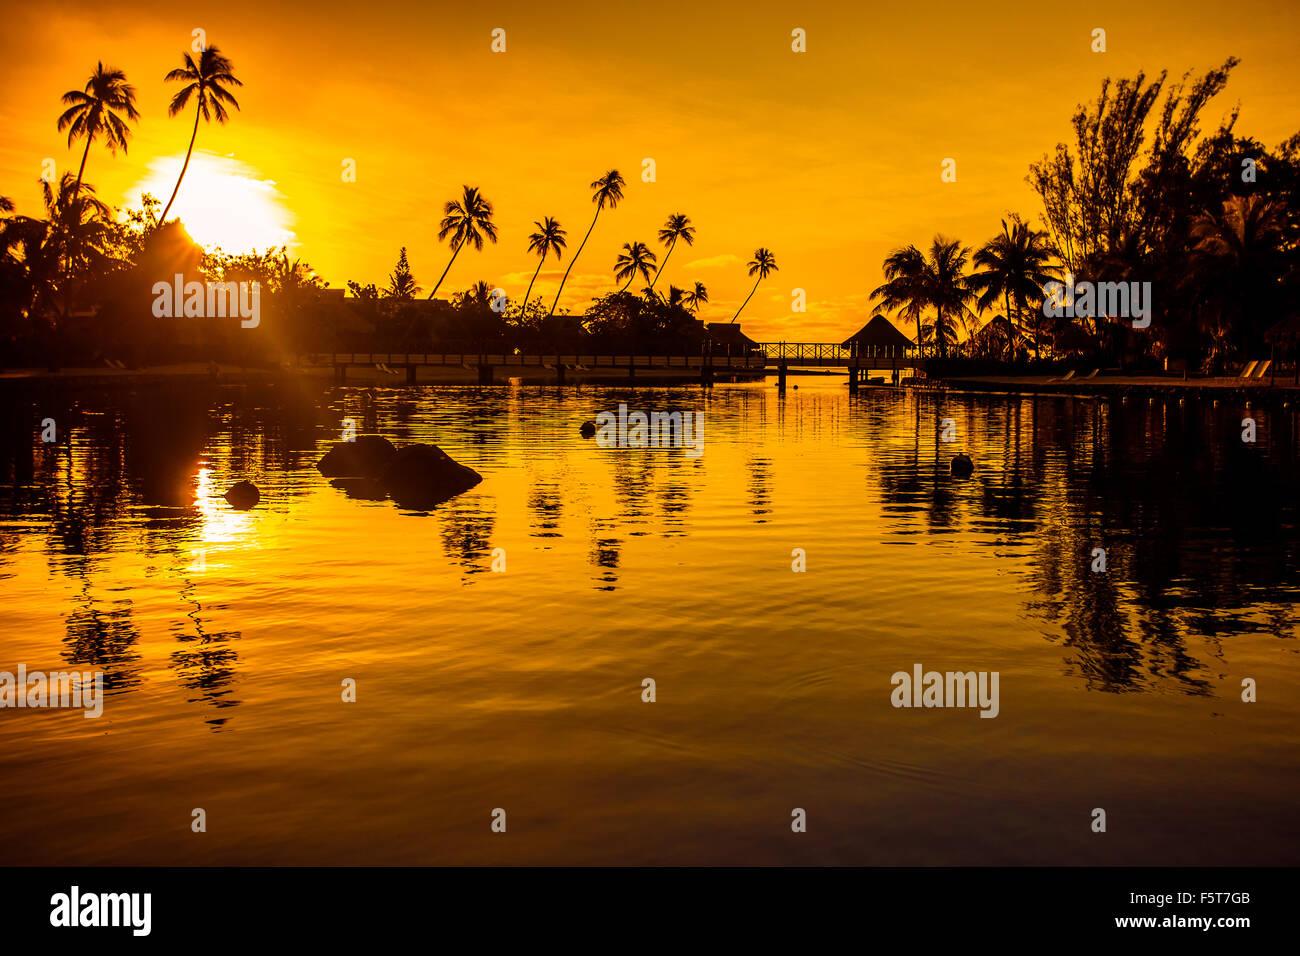 Puesta de sol en un paraíso tropical con palmeras y el océano Imagen De Stock